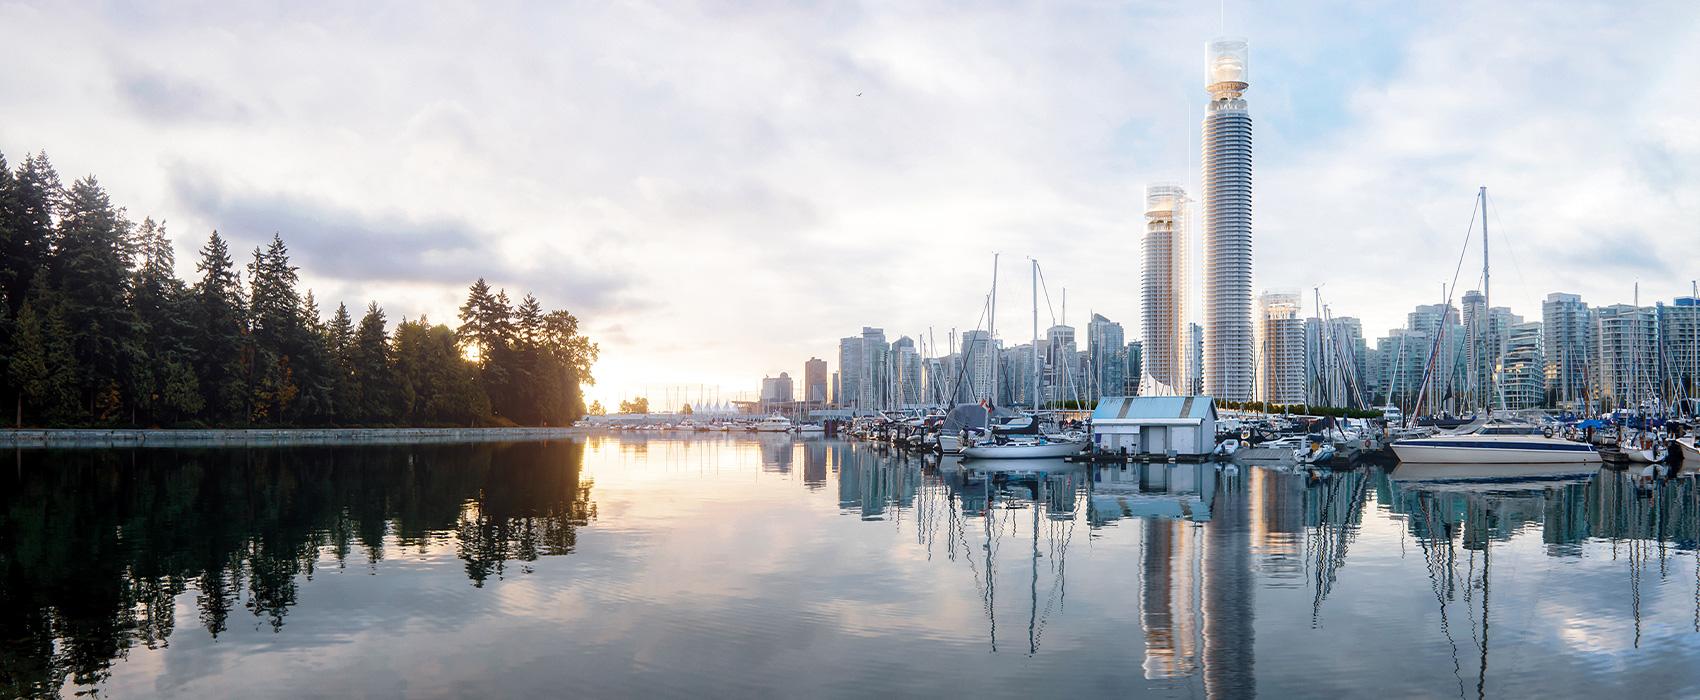 Vancouver Bayshore - Vancouver Canada